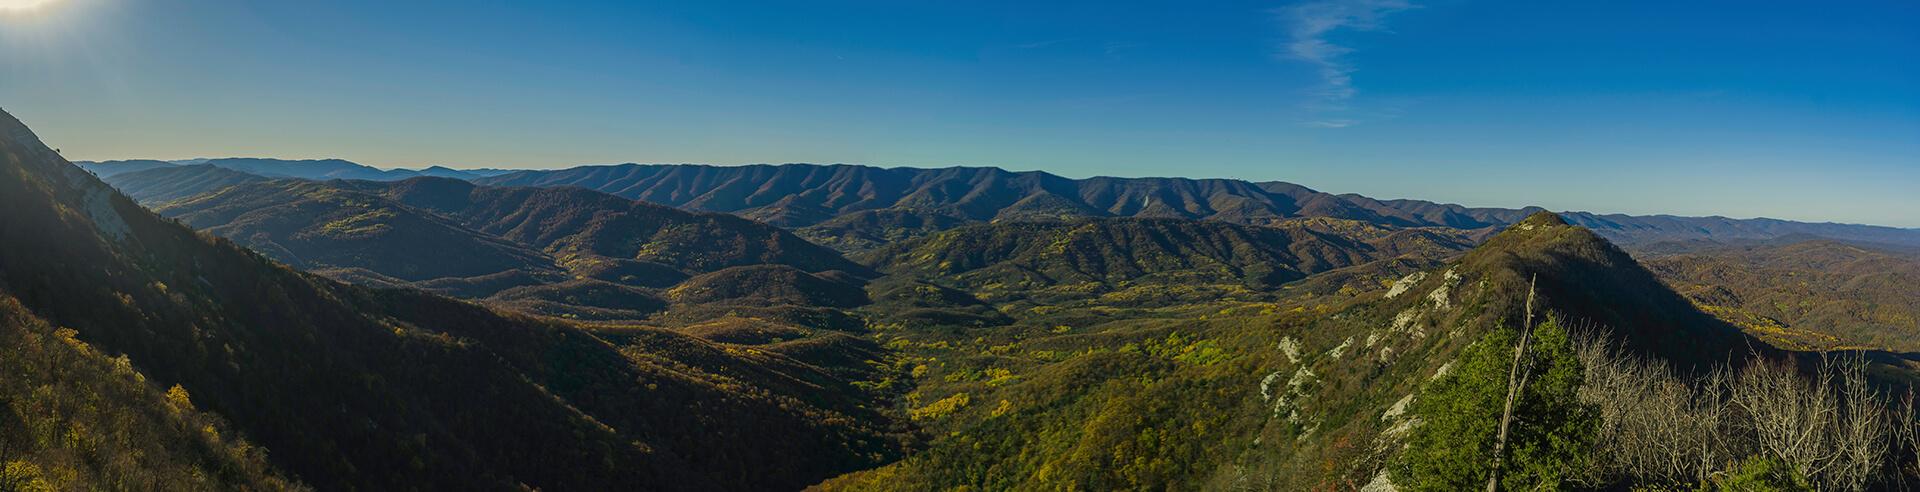 Панорама с западного склона горы Папай